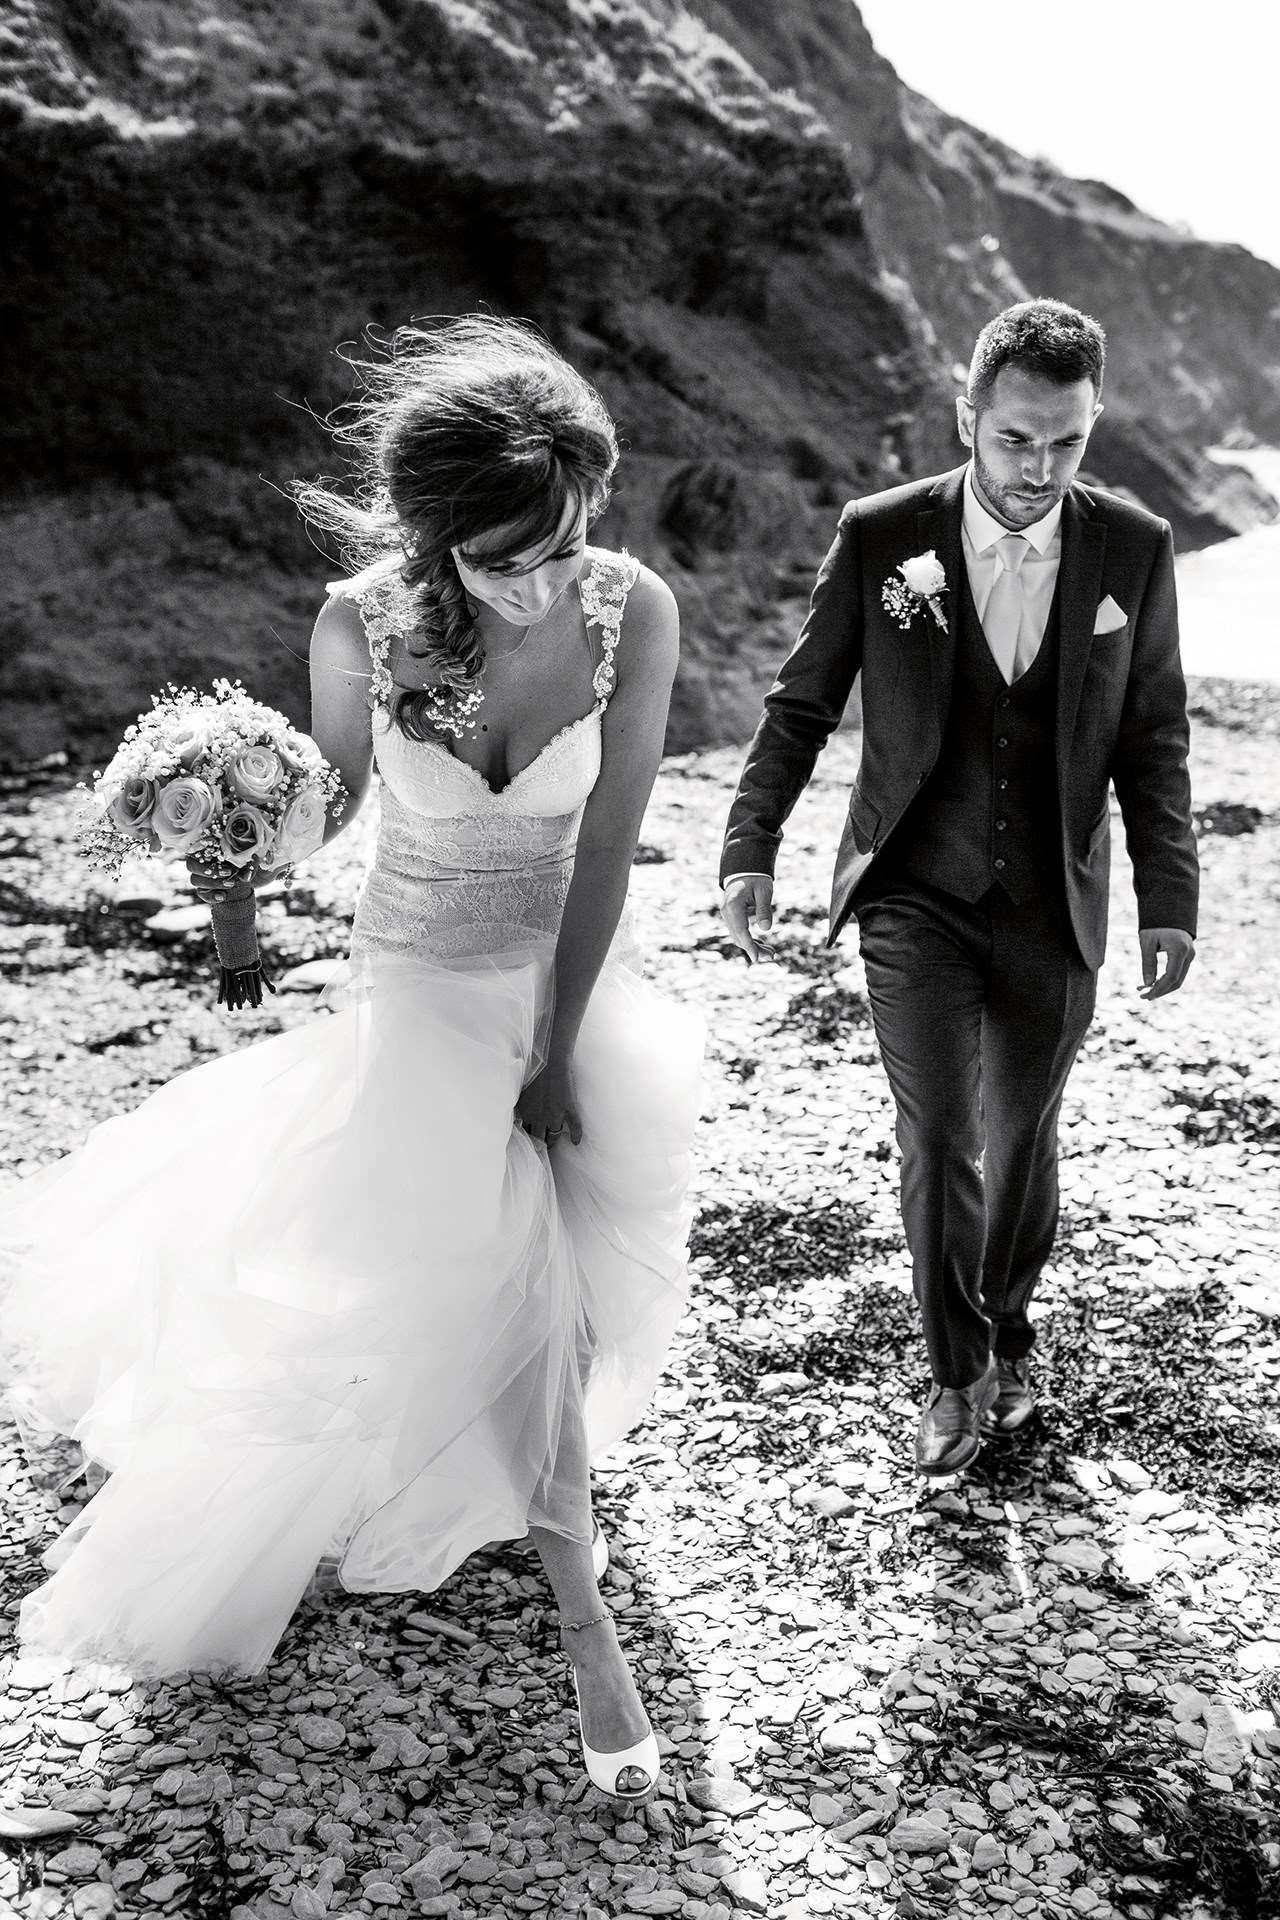 Nos dias de hoje, muitas mulheres usam sua alianças de casamento e anéis de  noivado simplesmente por ser um símbolo do casamento e uma tradição popular  que ... 2e1263d915